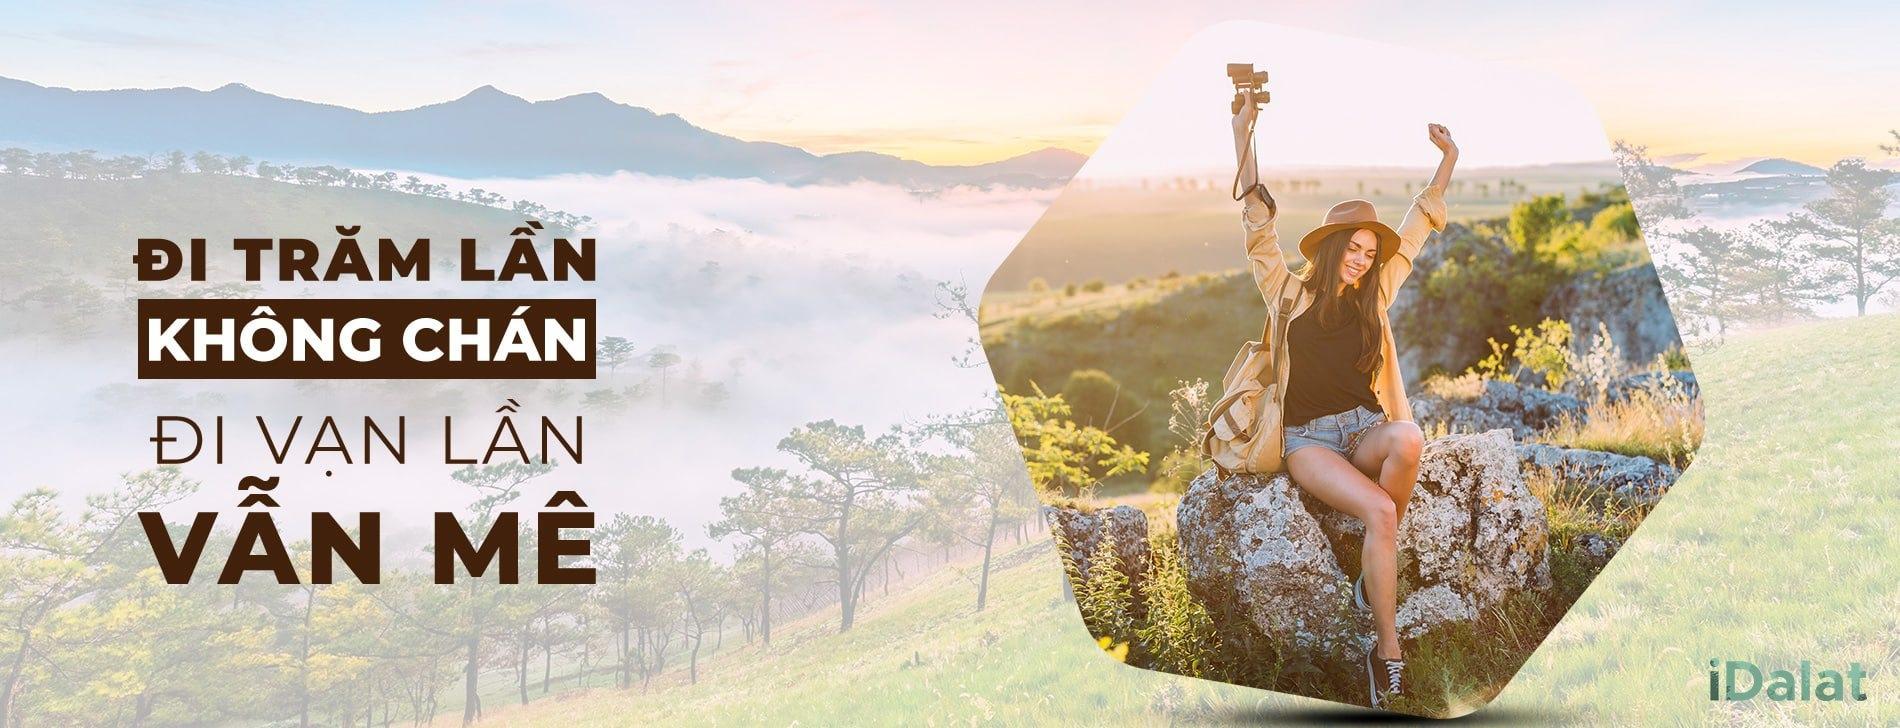 iDalat.vn - Khám phá Đà Lạt (@idalat) Cover Image